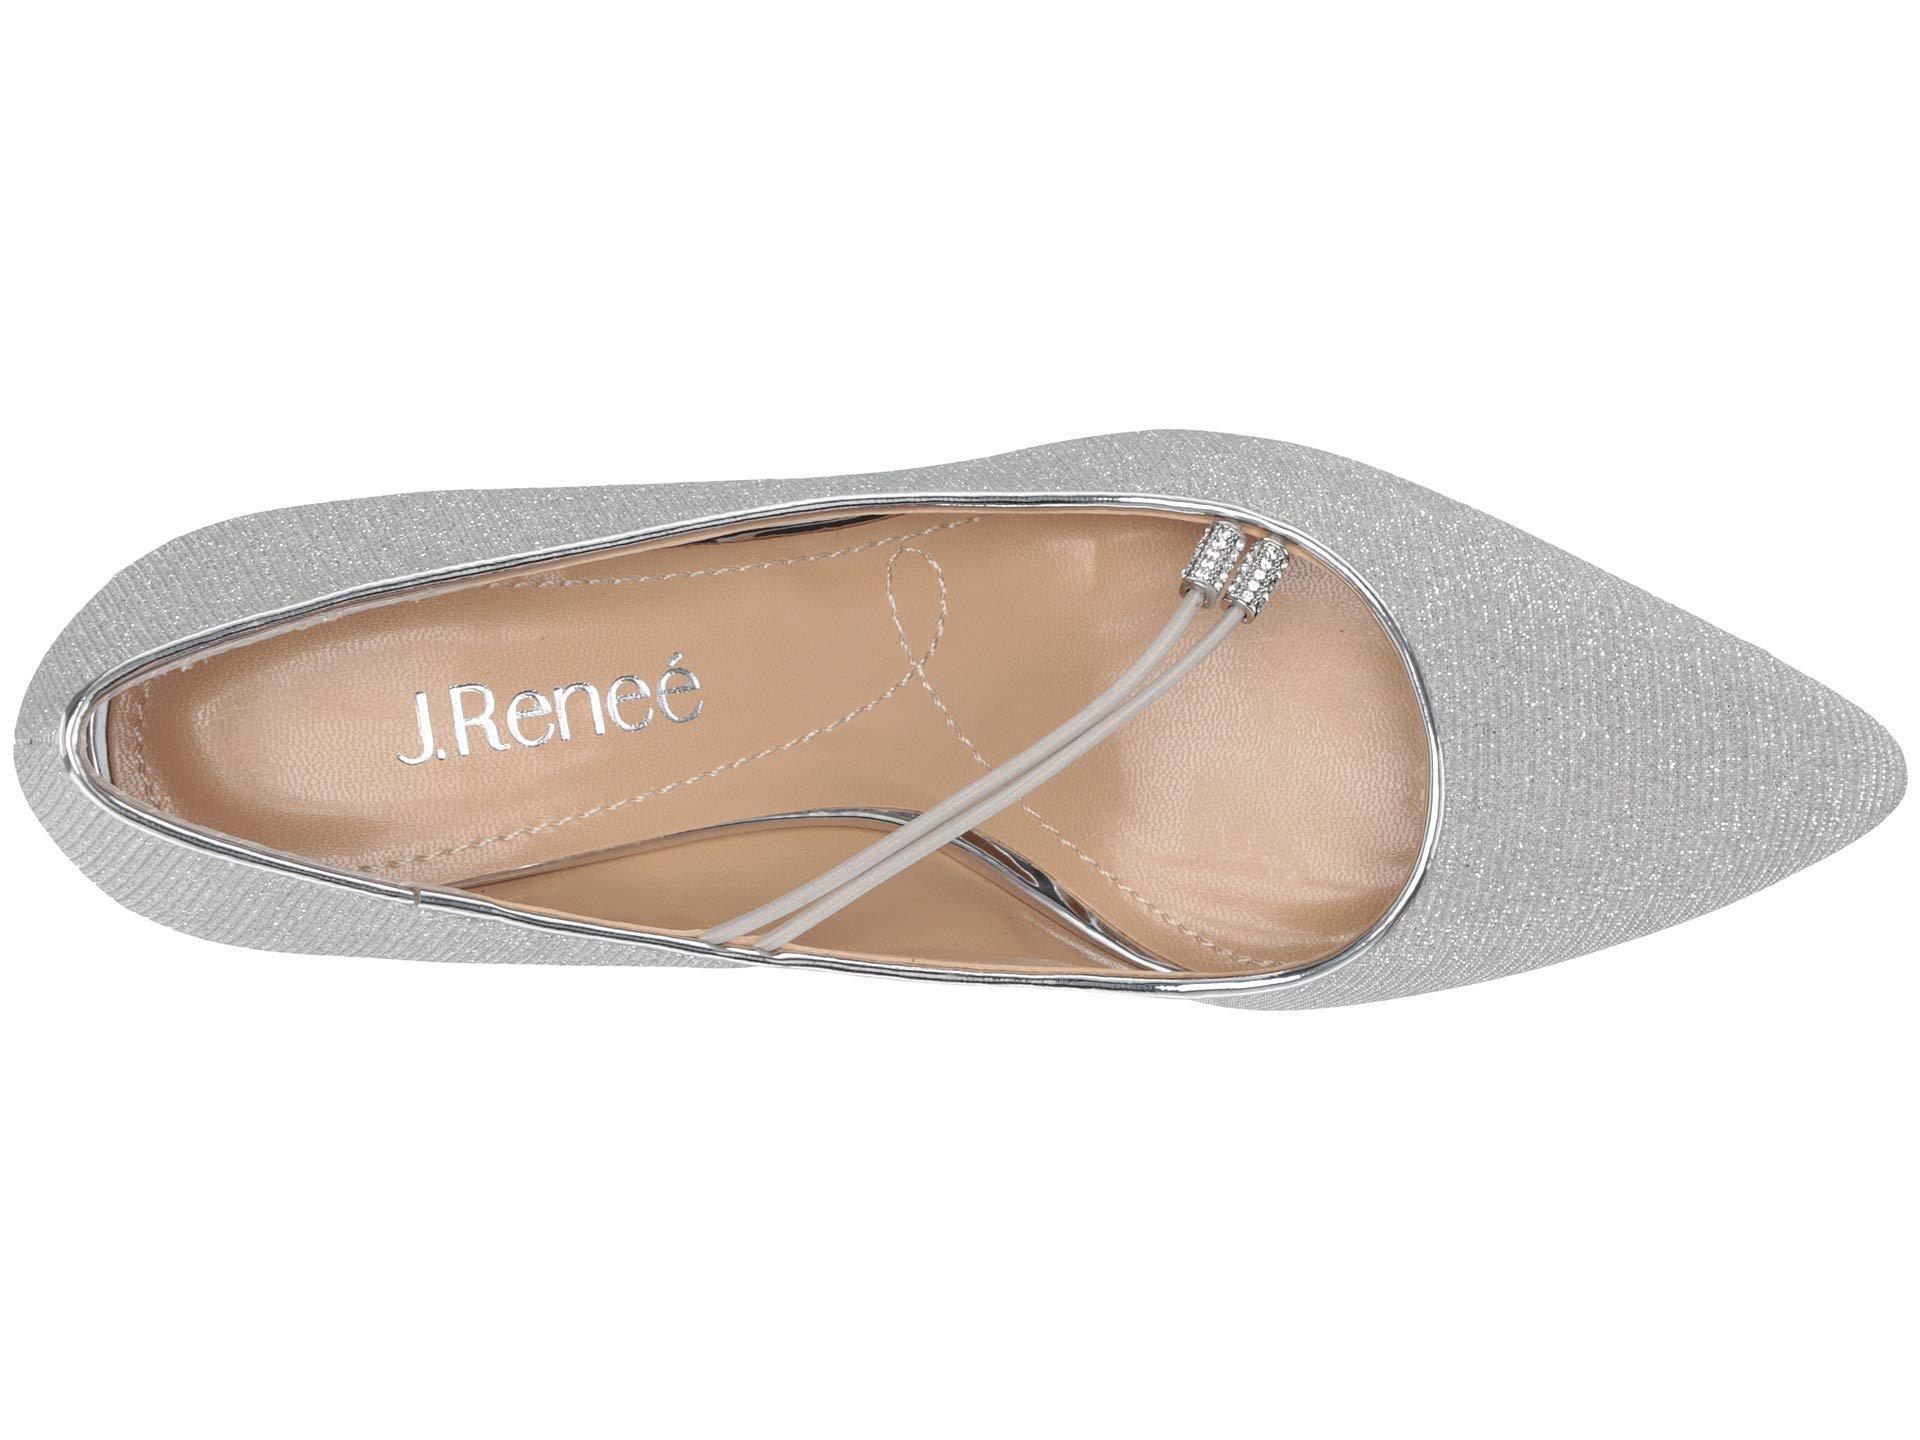 1ed36475cf3 Lyst - J. Reneé Idenah (pewter Glitter Fabric) Women s 1-2 Inch Heel ...